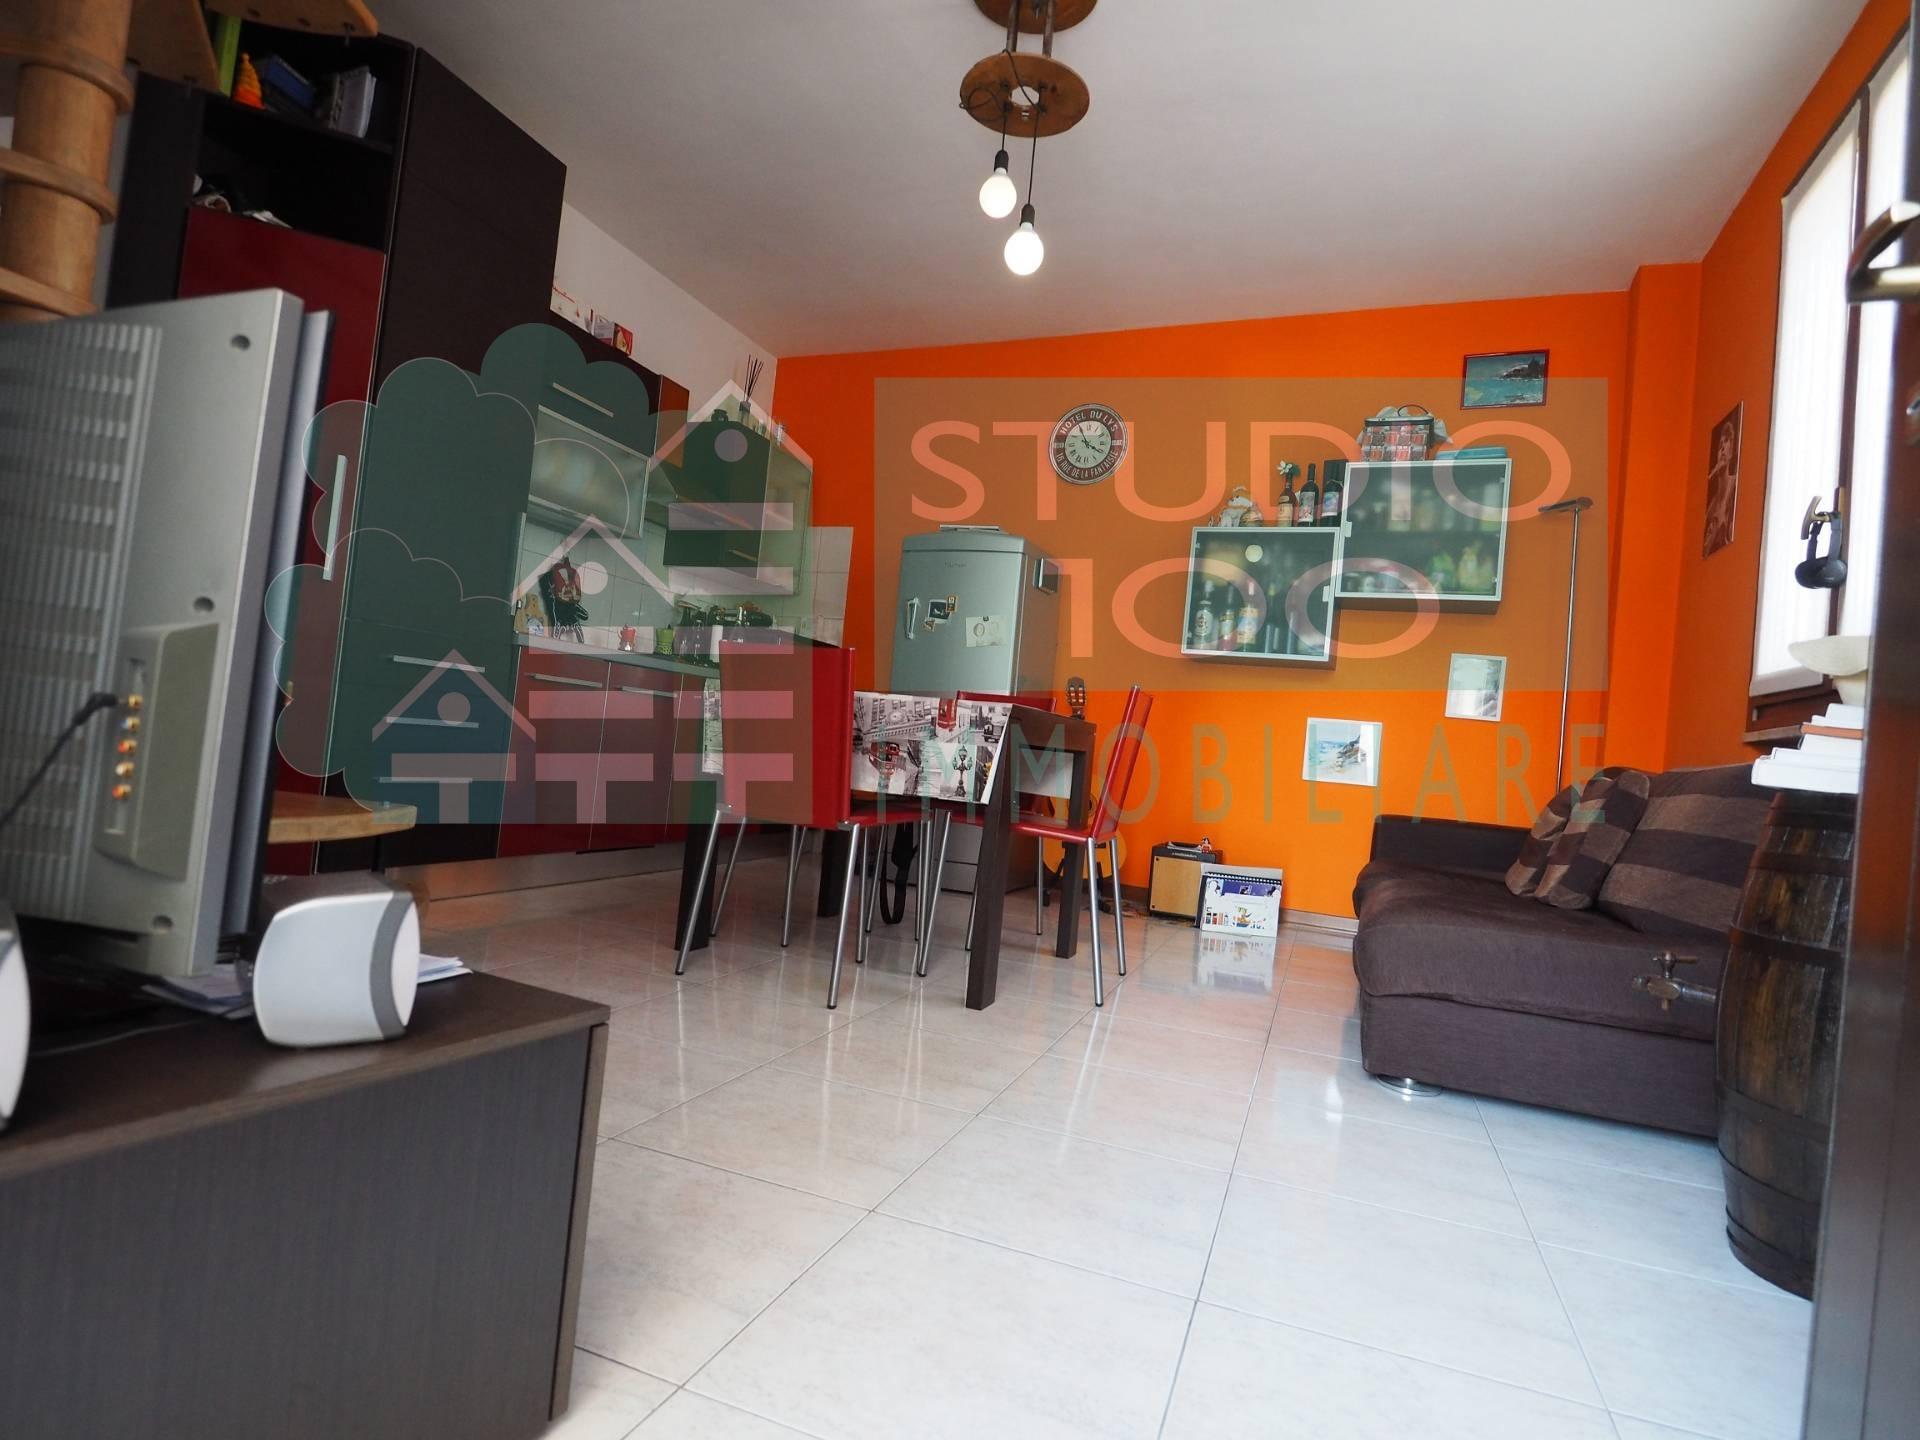 Appartamento in vendita a Casorate Sempione, 2 locali, prezzo € 59.000 | CambioCasa.it